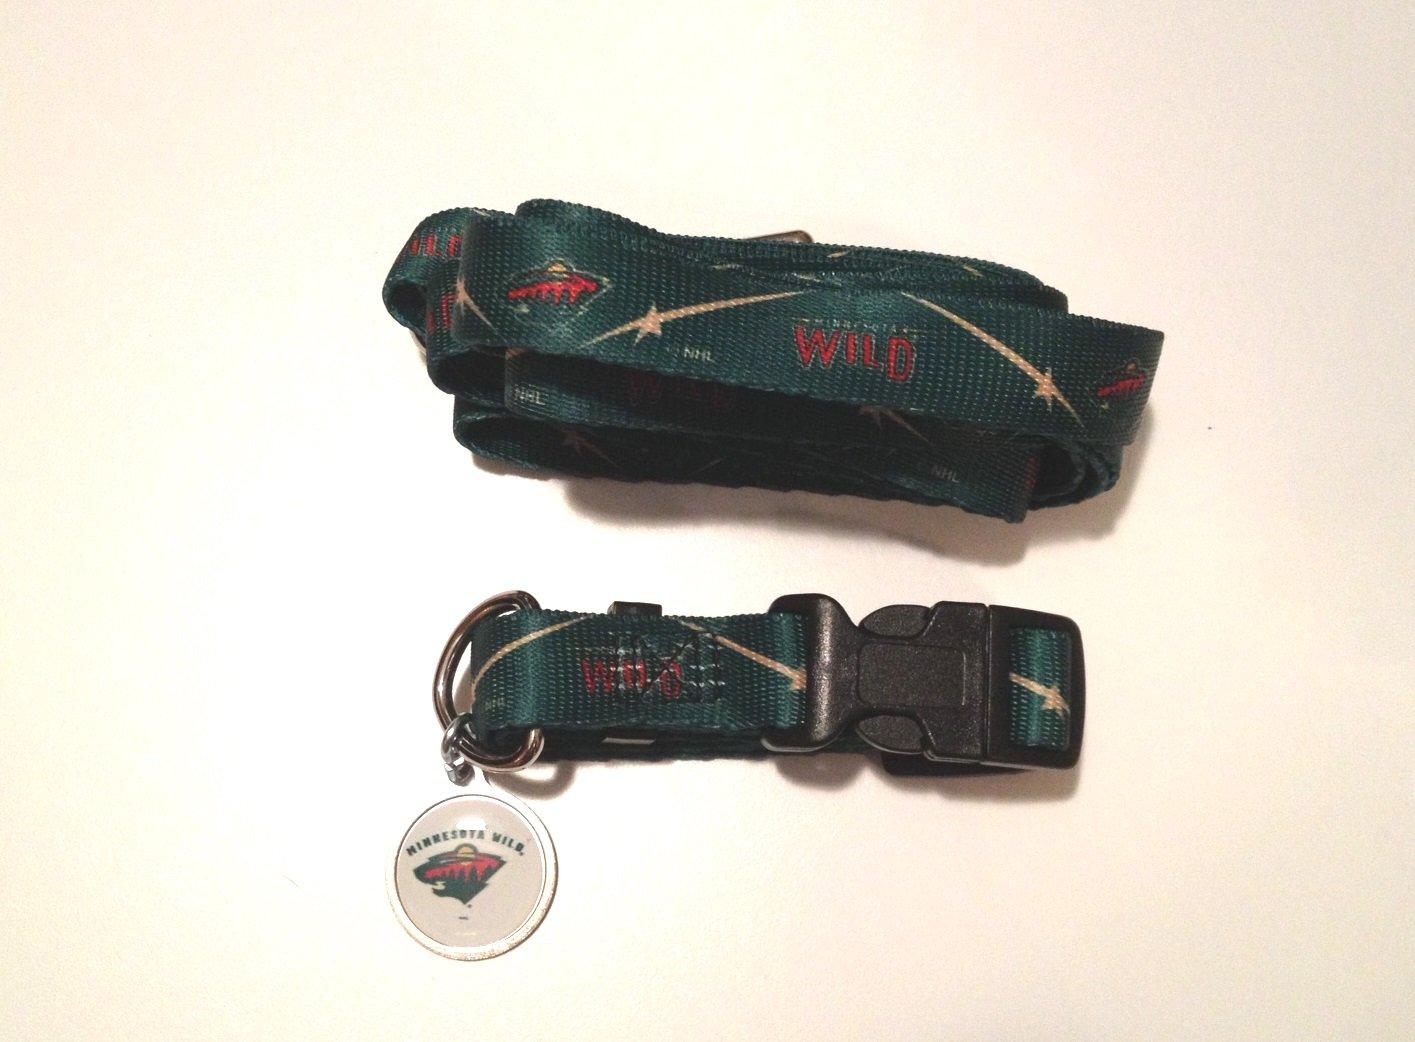 Minnesota Wild Pet Dog Leash Set Collar ID Tag Large